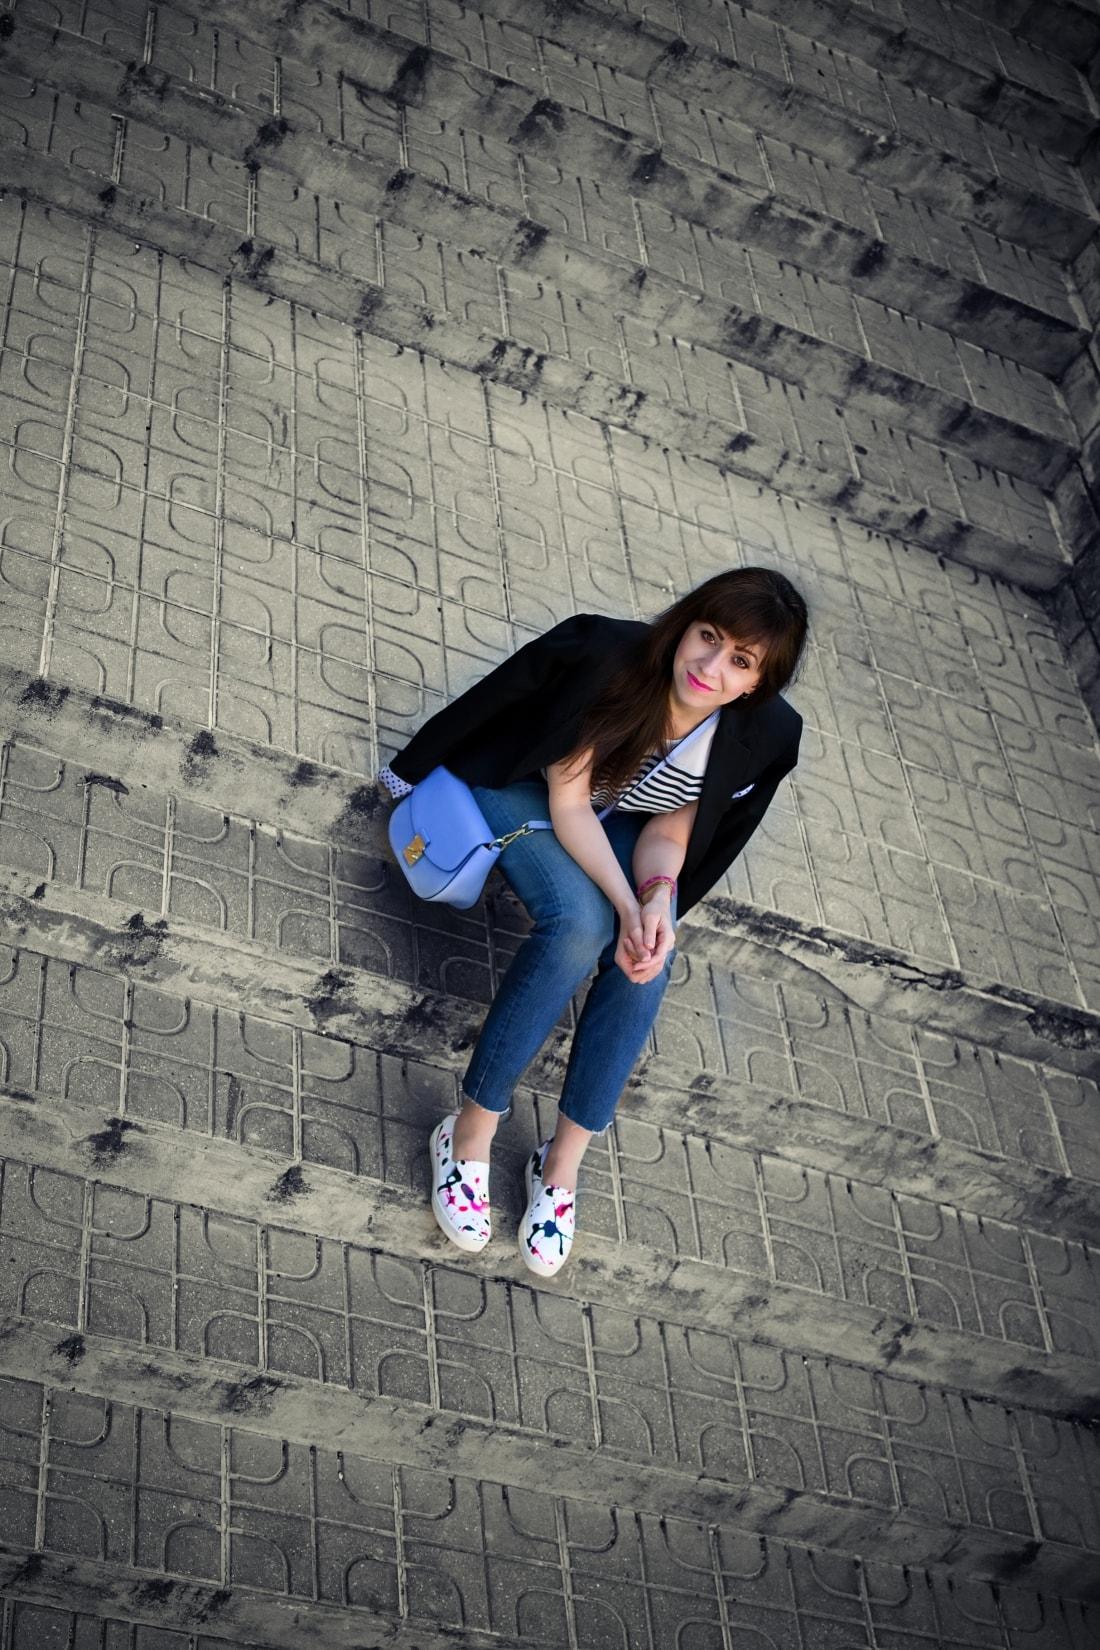 Mix vzorov_Katharine-fashion is beautiful blog 3_Levis_Pásiky_Prúžky_Dots_Bodky_Stripes_Katarína Jakubčová_Fashion blogger